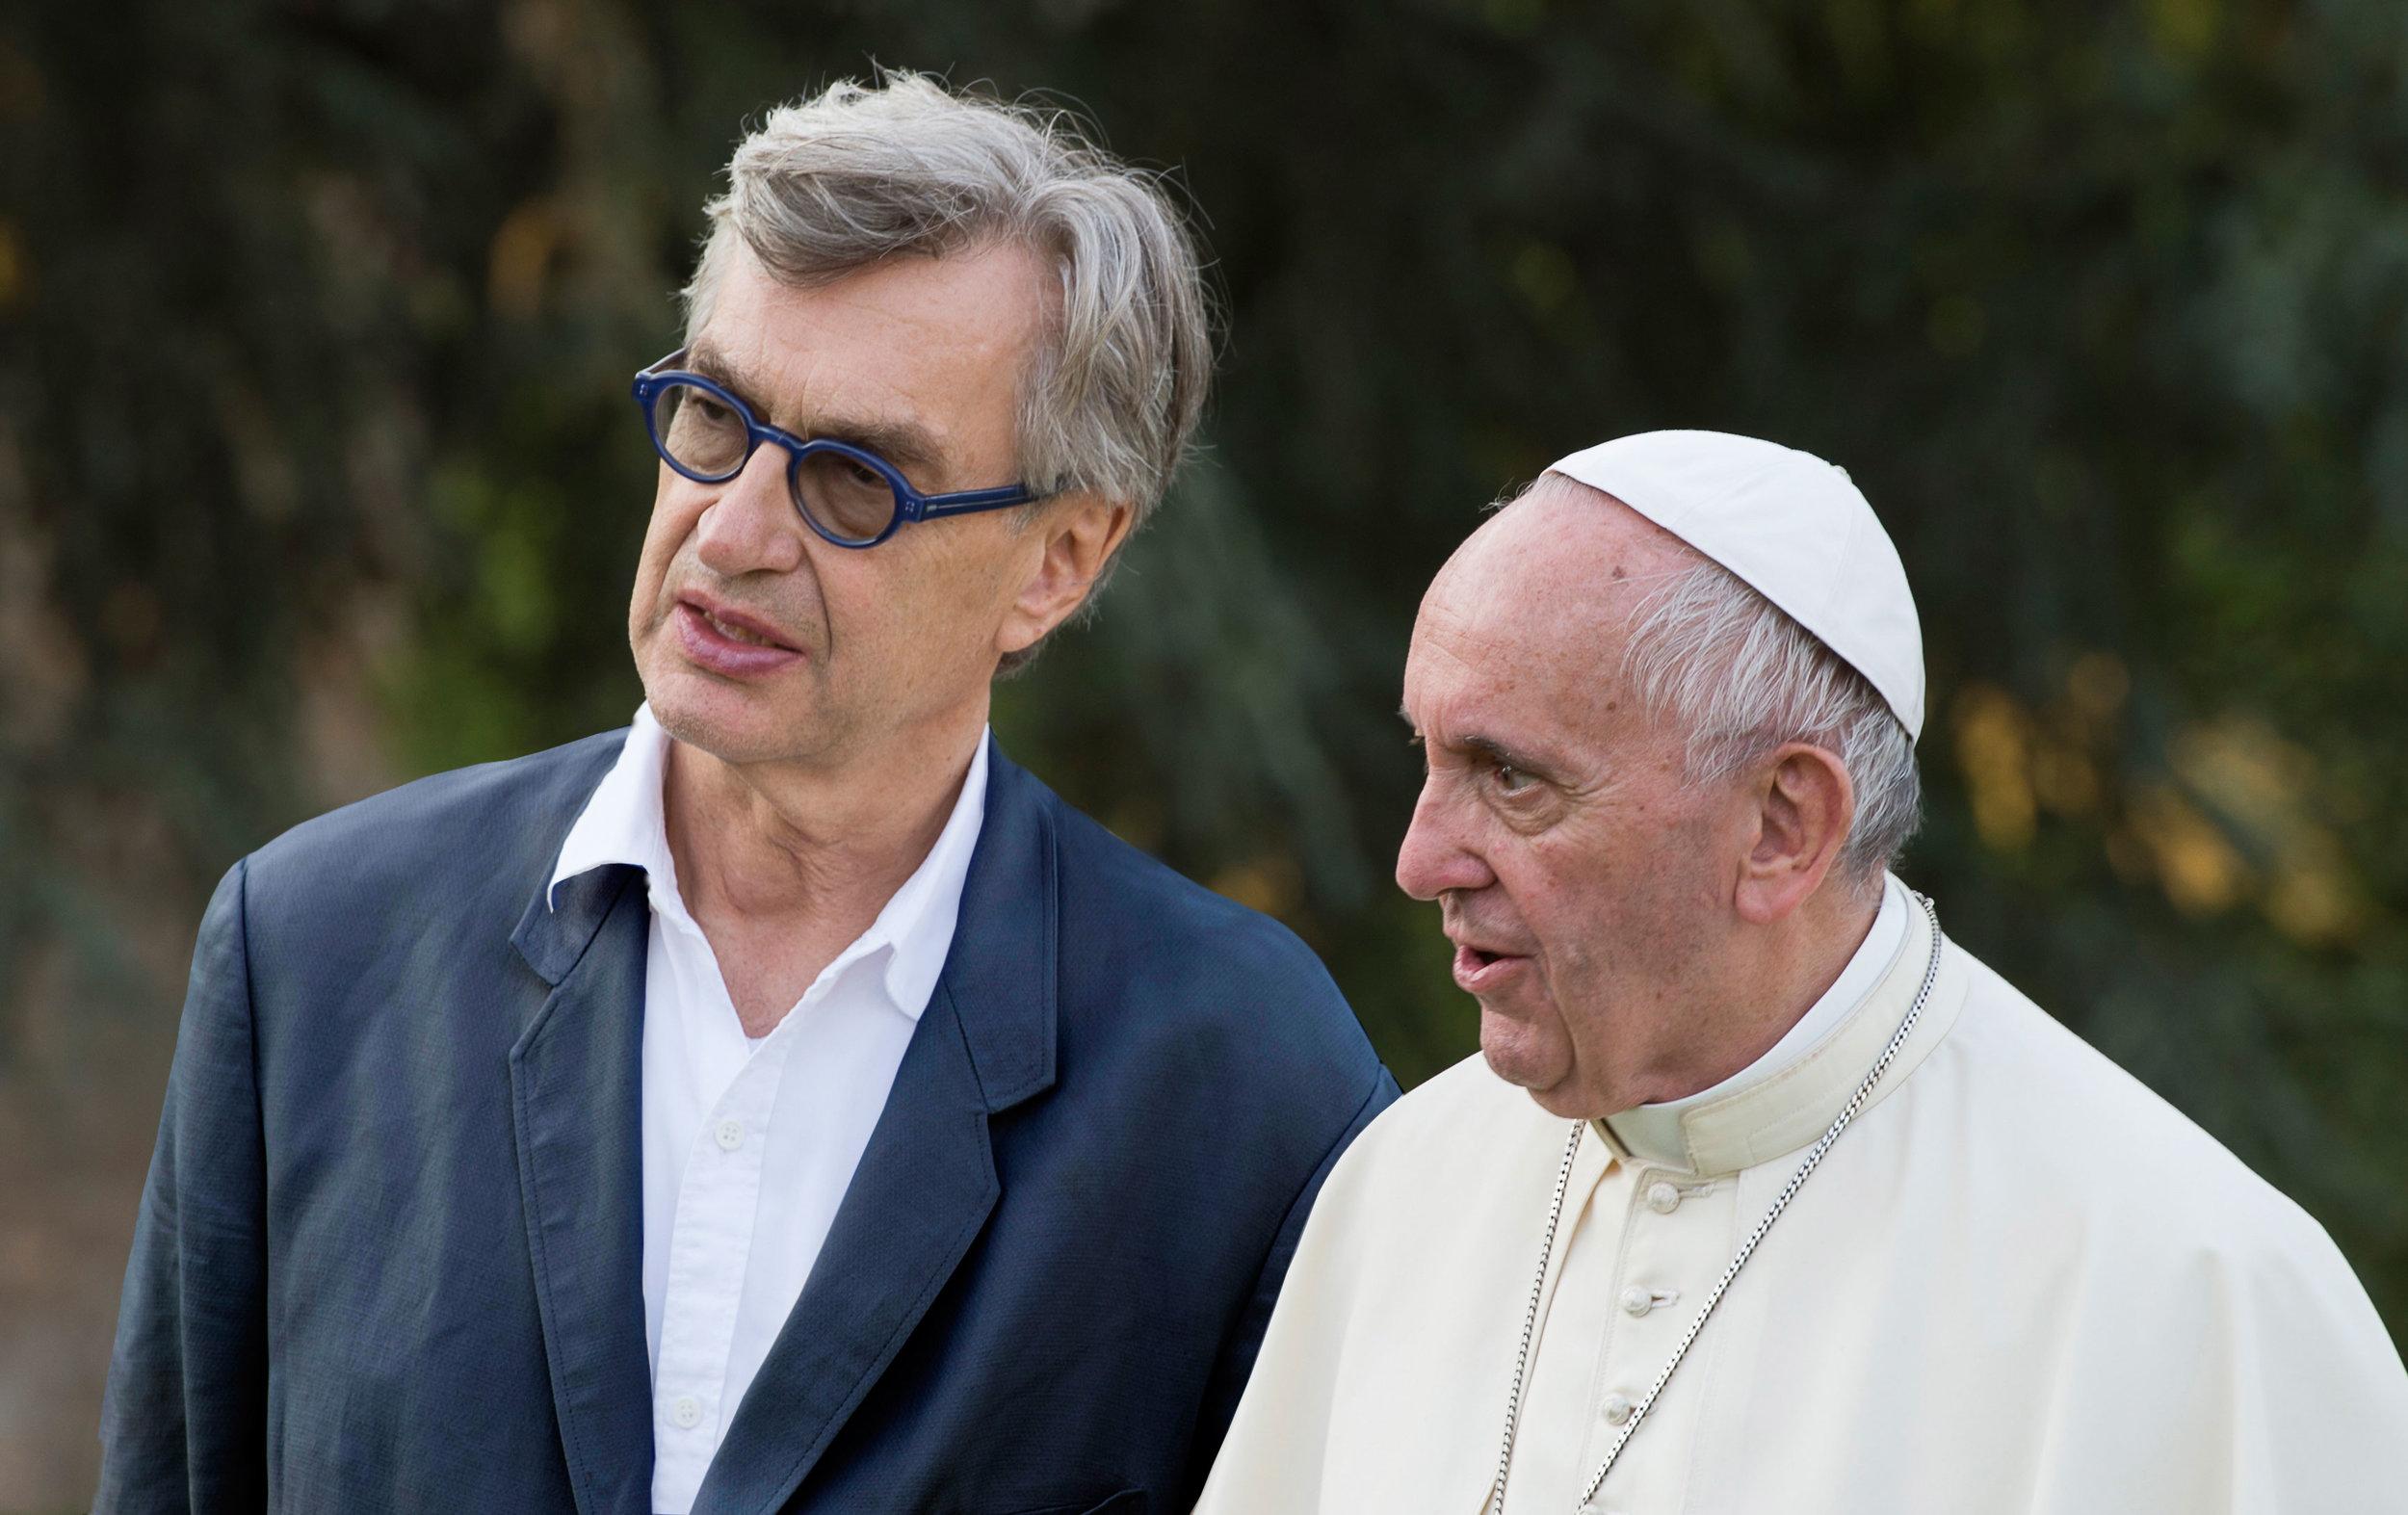 005-pope-francis-a-man-of-his-word-wenders.jpg